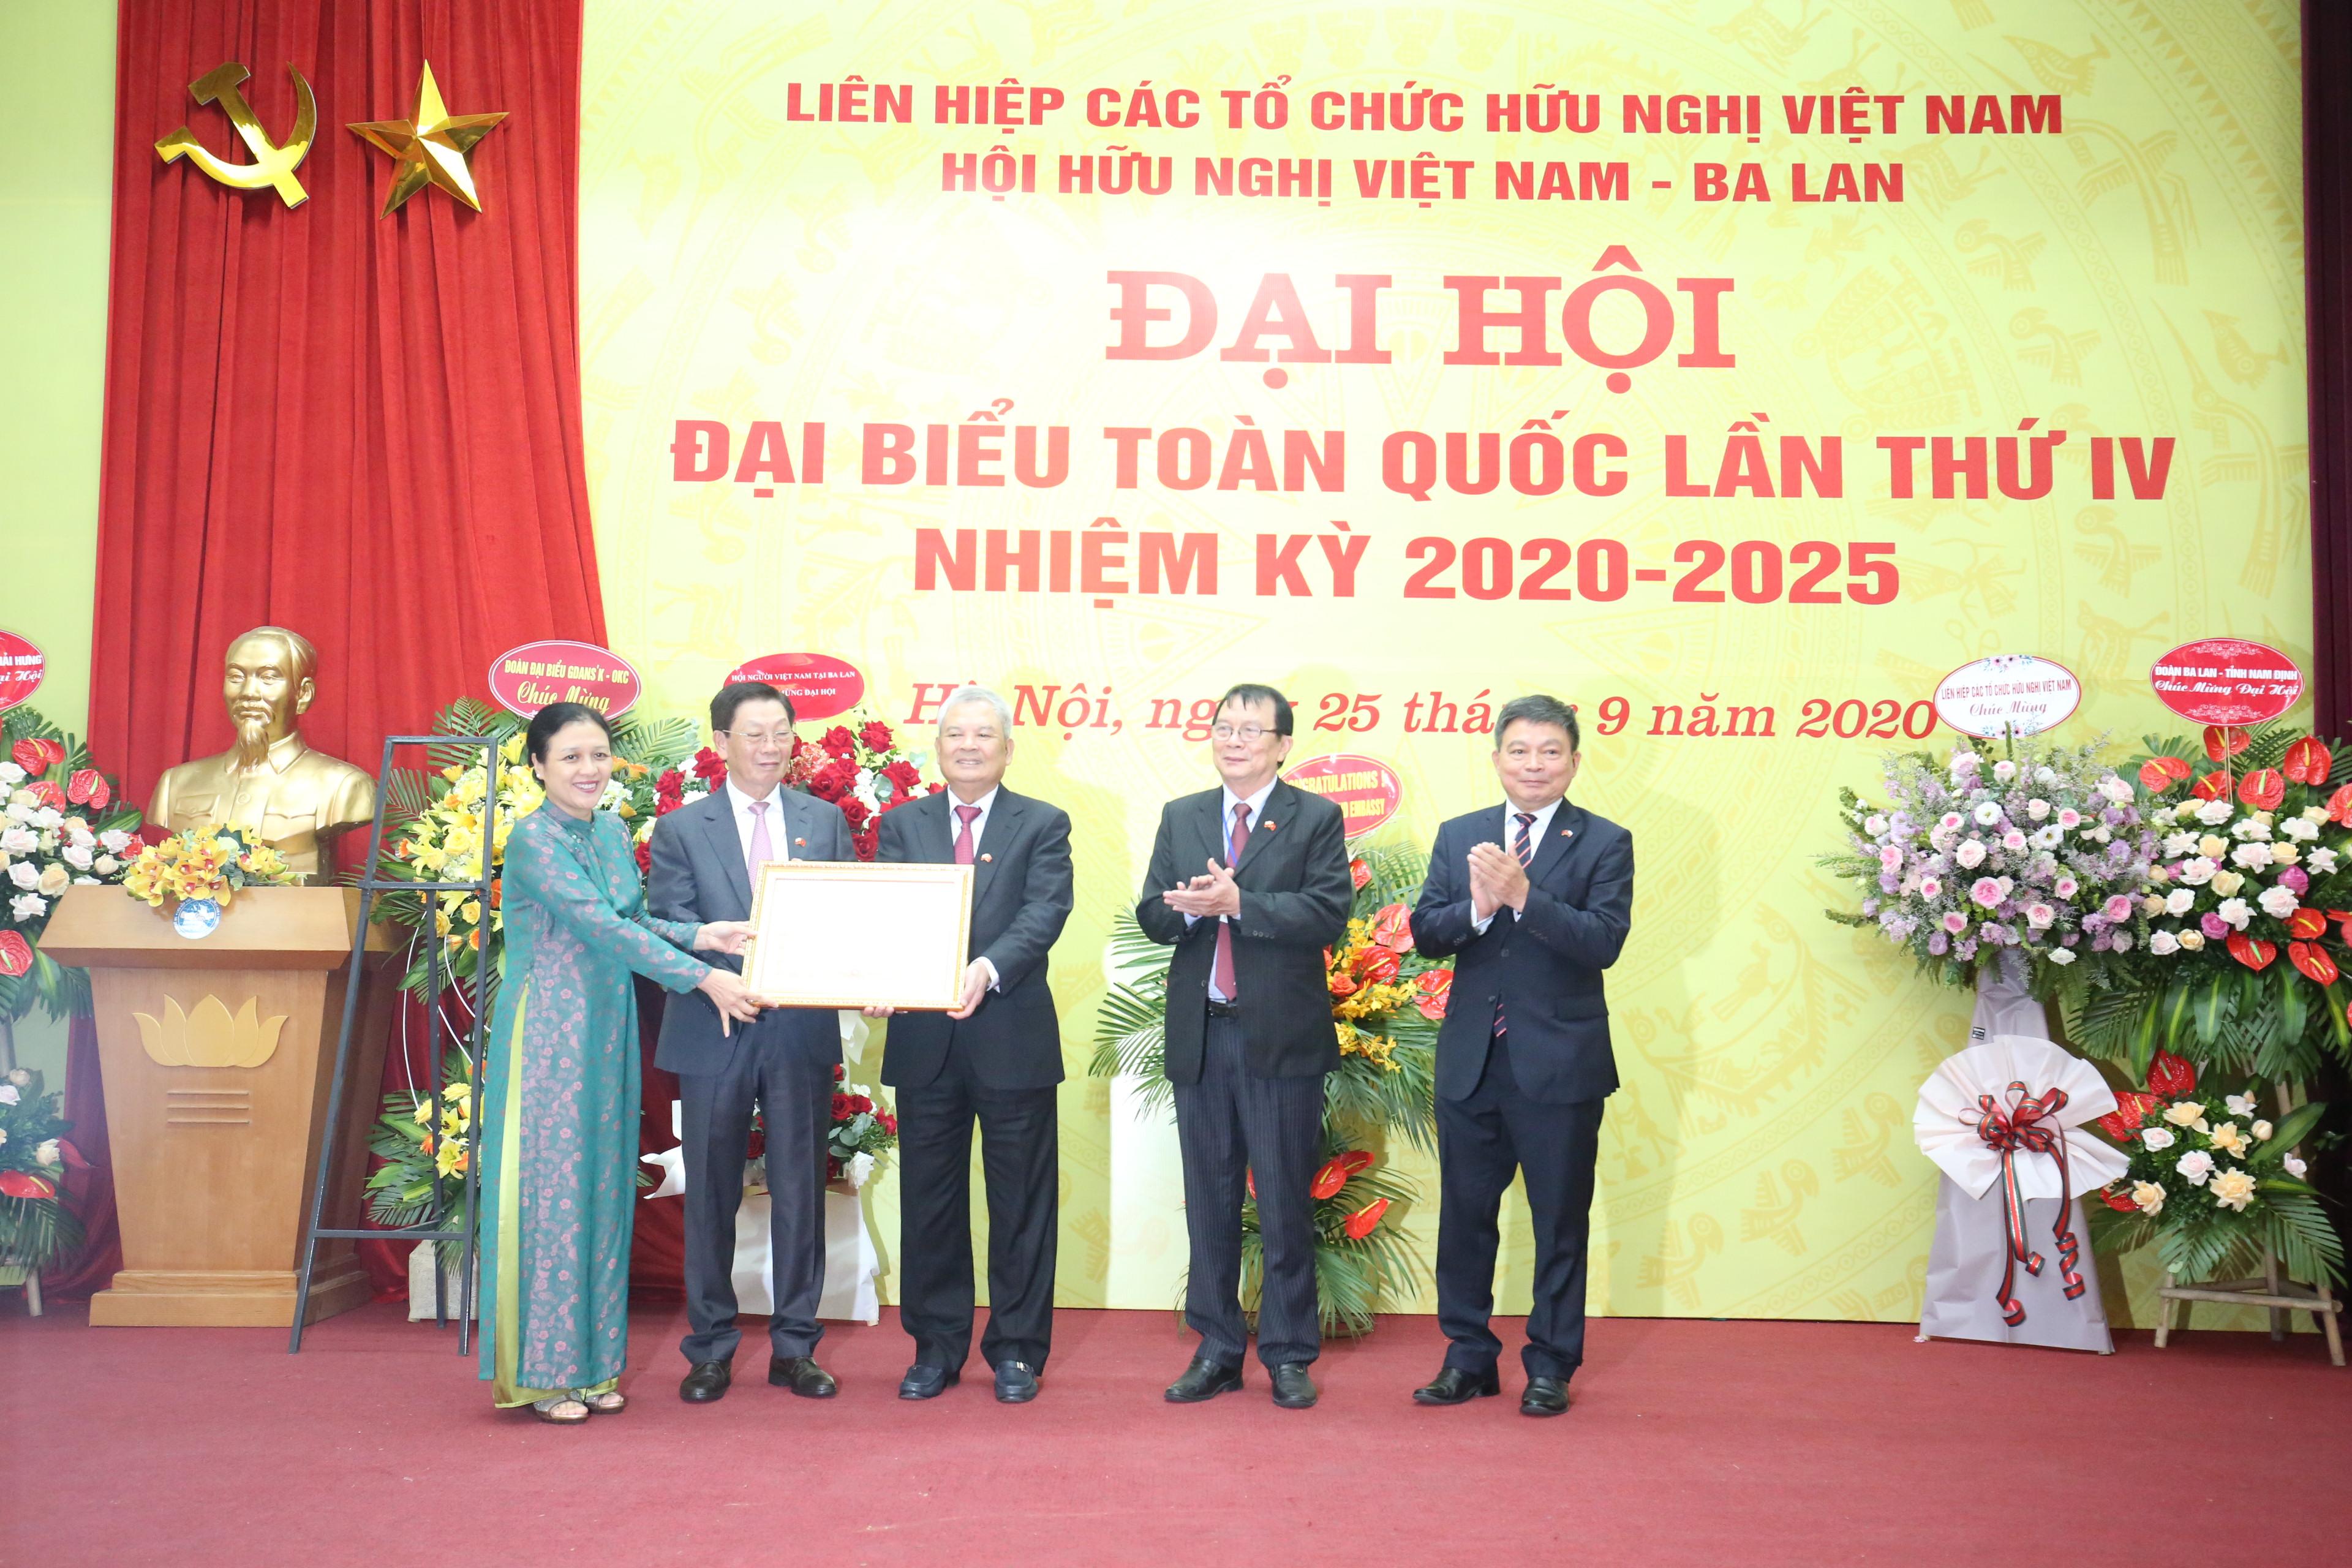 Ông Nguyễn Thế Thảo giữ chức Chủ tịch Hội hữu nghị Việt Nam - Ba Lan